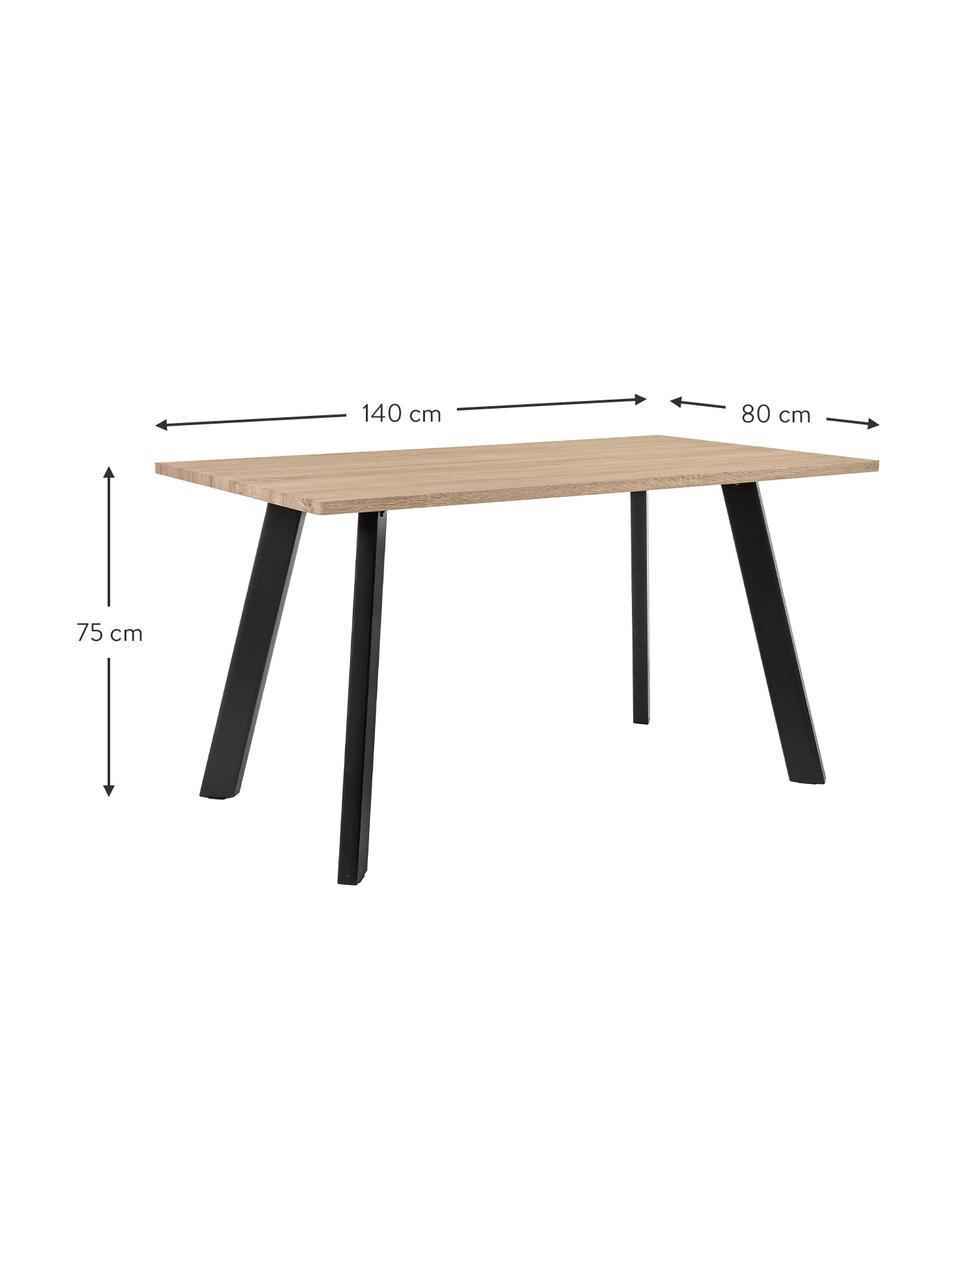 Esstisch Henry mit Eichenholzfurnier, Tischplatte: Mitteldichte Holzfaserpla, Beine: Metall, pulverbeschichtet, Eichenholz, B 140 x T 80 cm